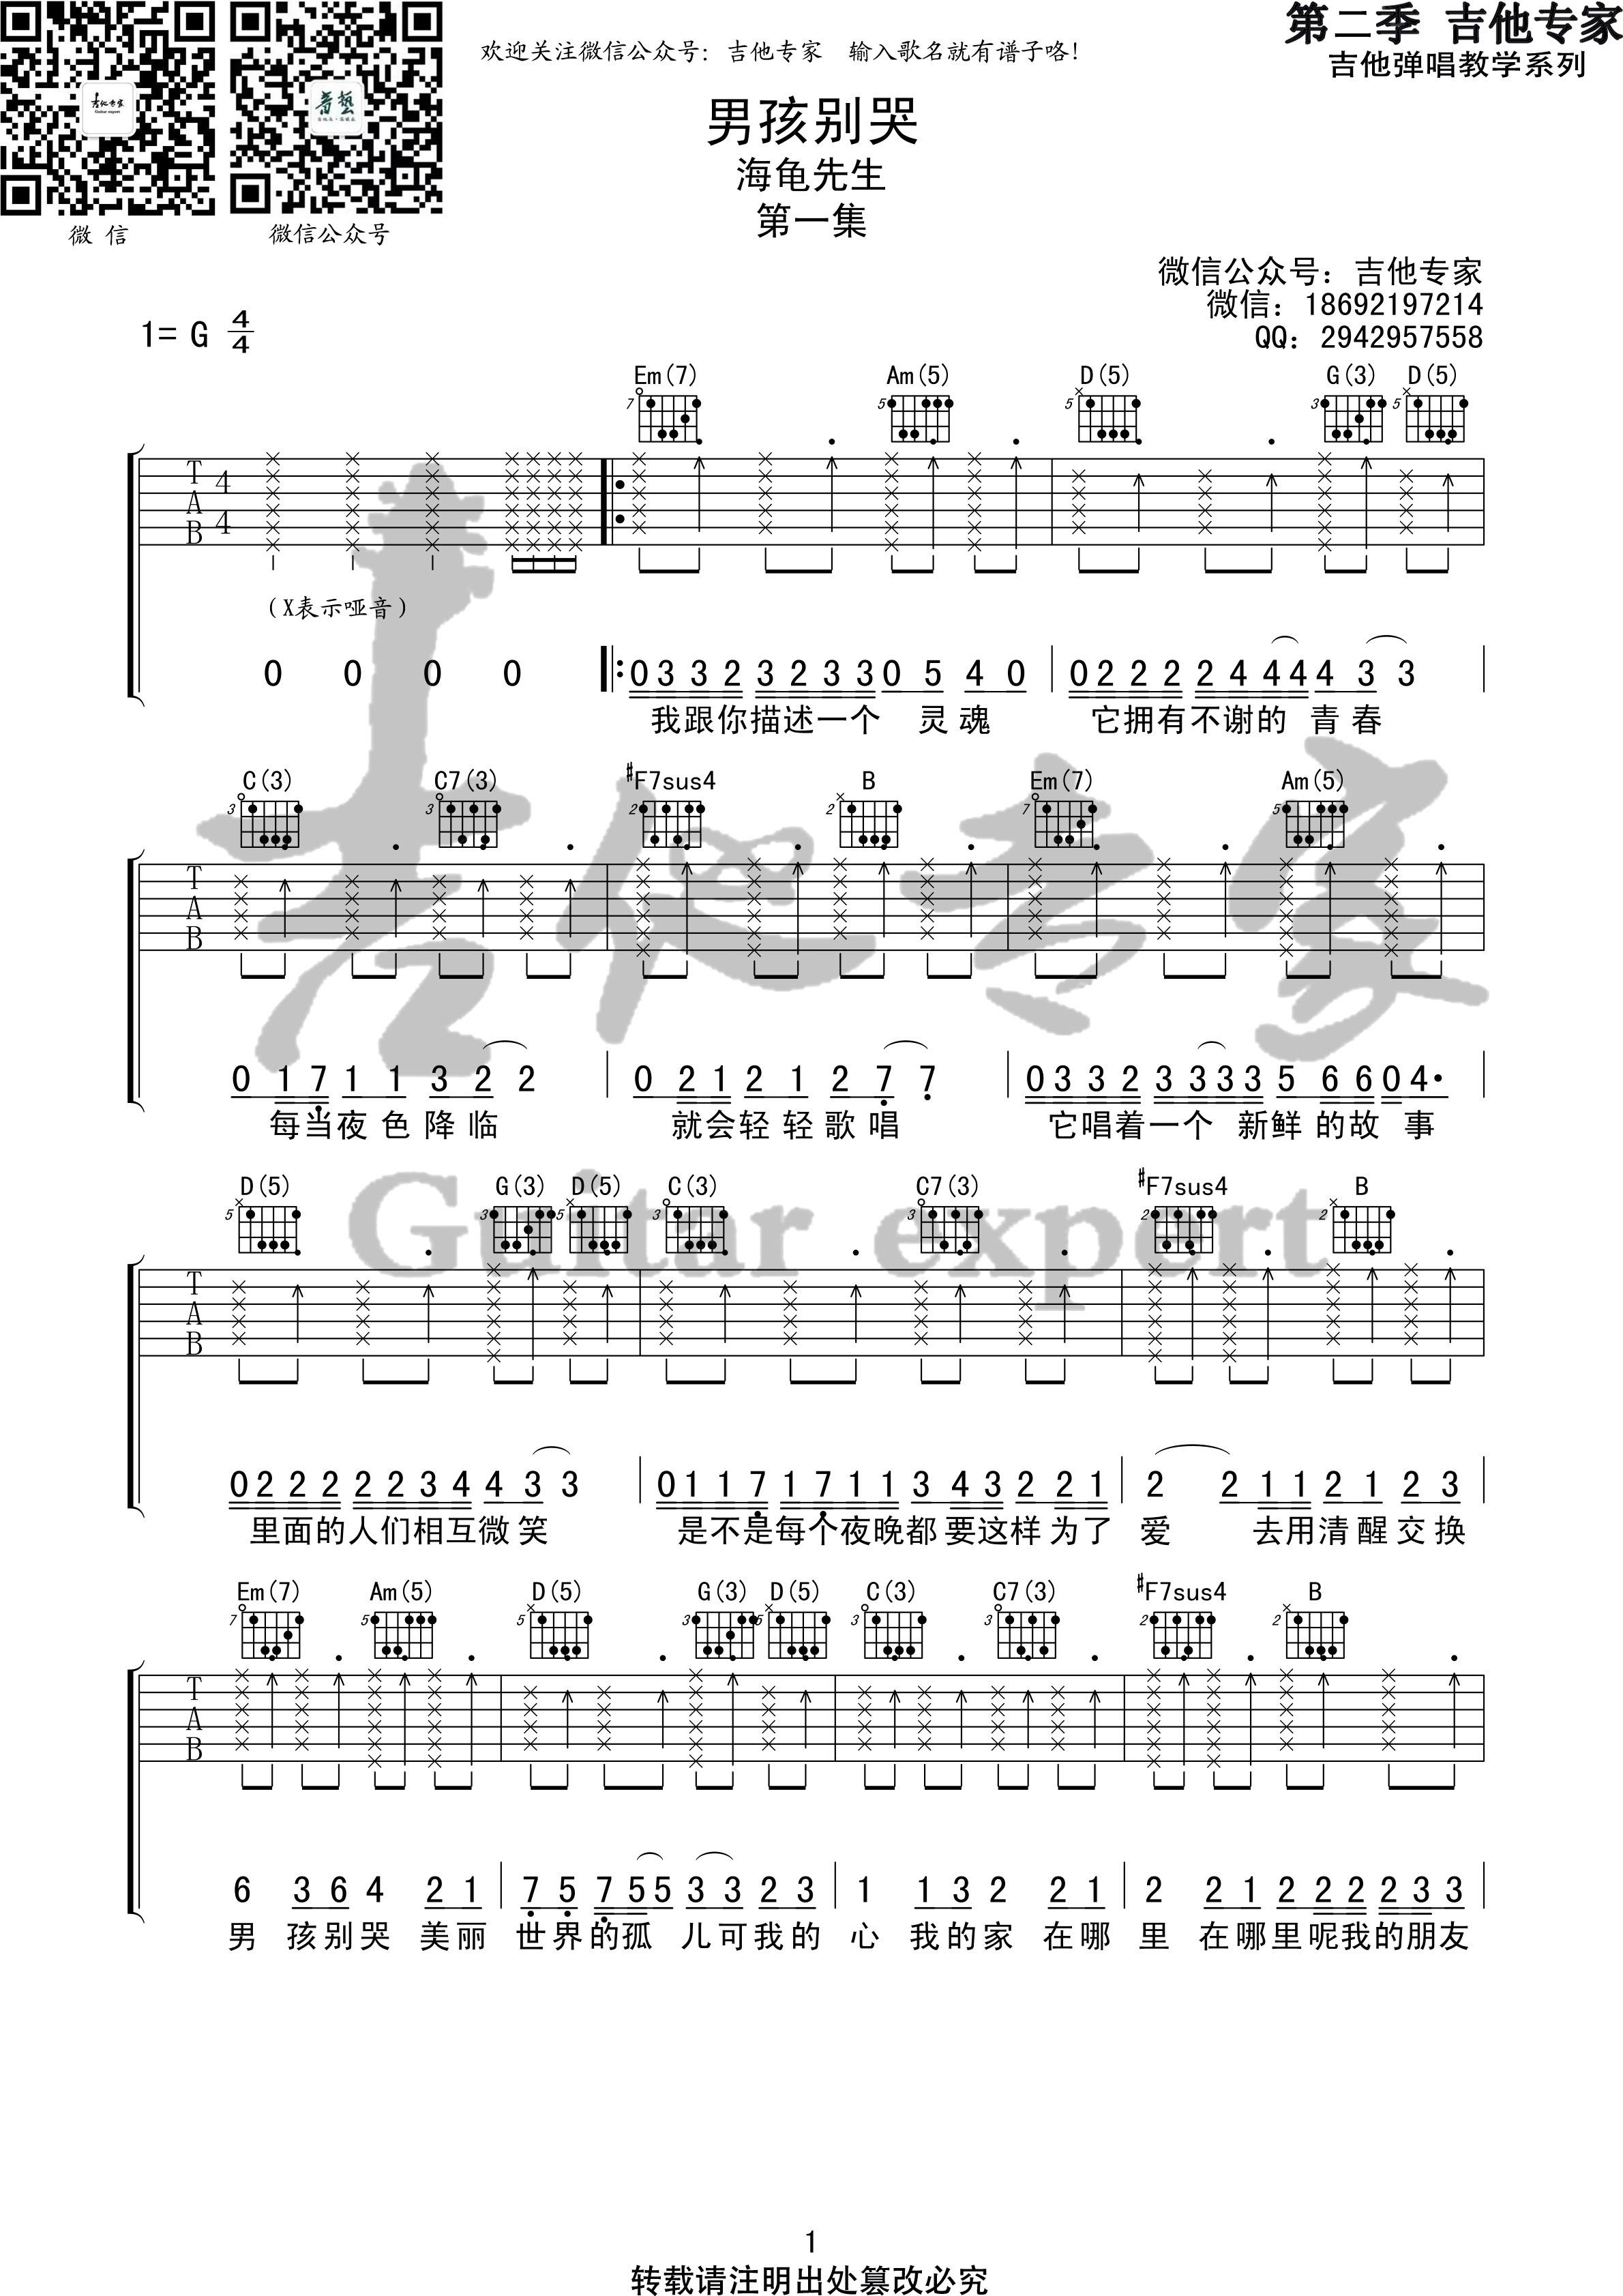 男孩别哭(音艺吉他专家弹唱教学:第二季第1集)吉他谱(图片谱,弹唱,伴奏,教程)_海龟先生_男孩别哭1 第二季第一期.jpg